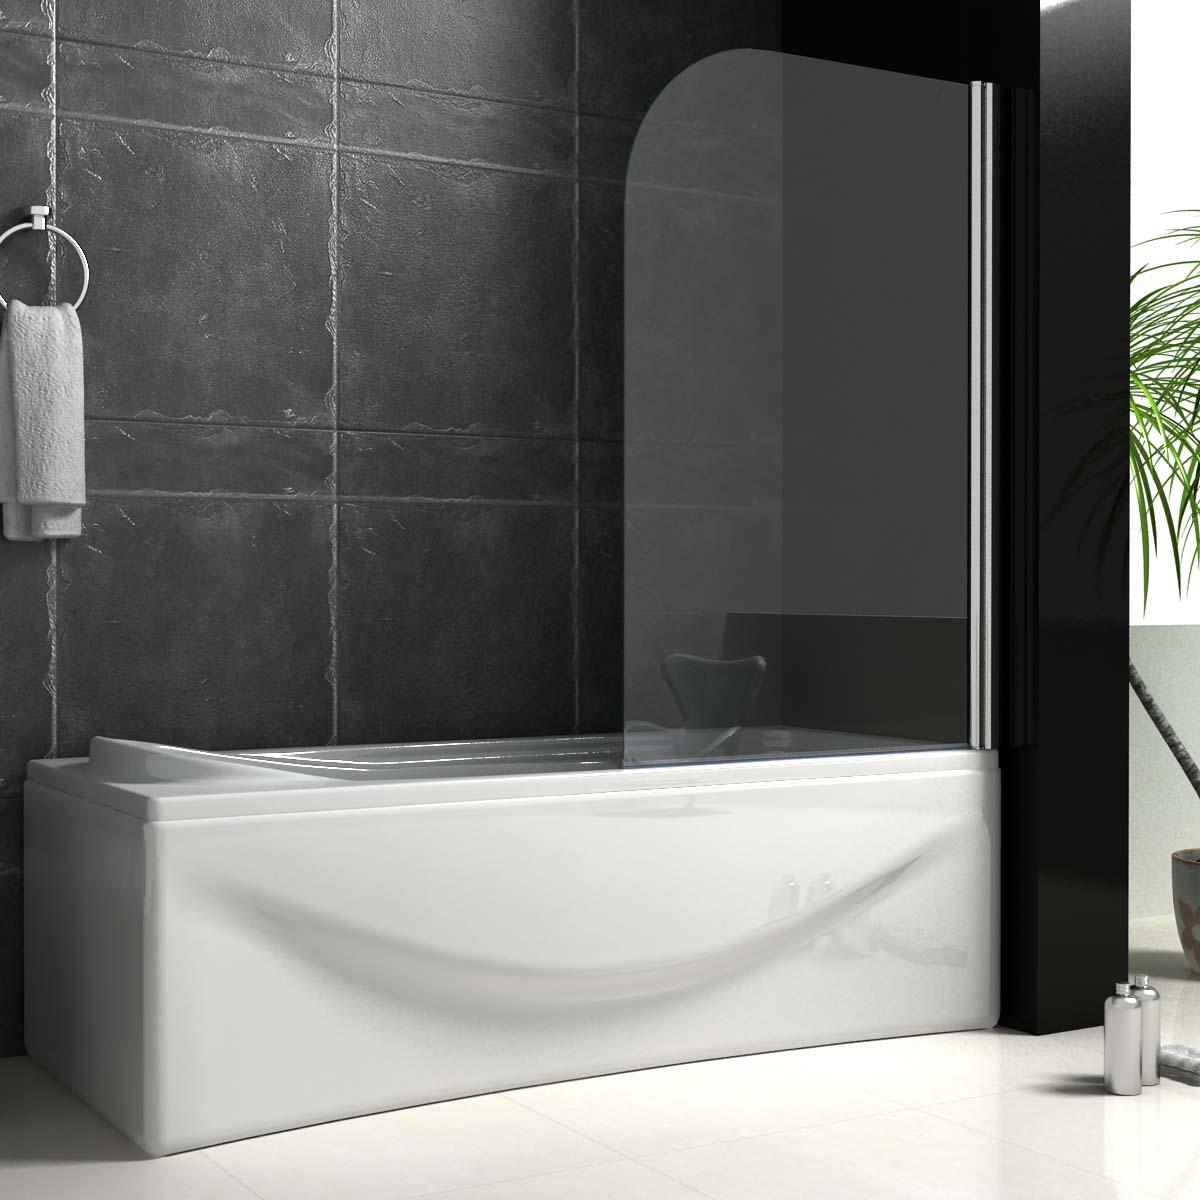 Bi Fold Shower Screens Over Bath Aica 180 176 Pivot Radius Frameless Over Shower Bath Screen